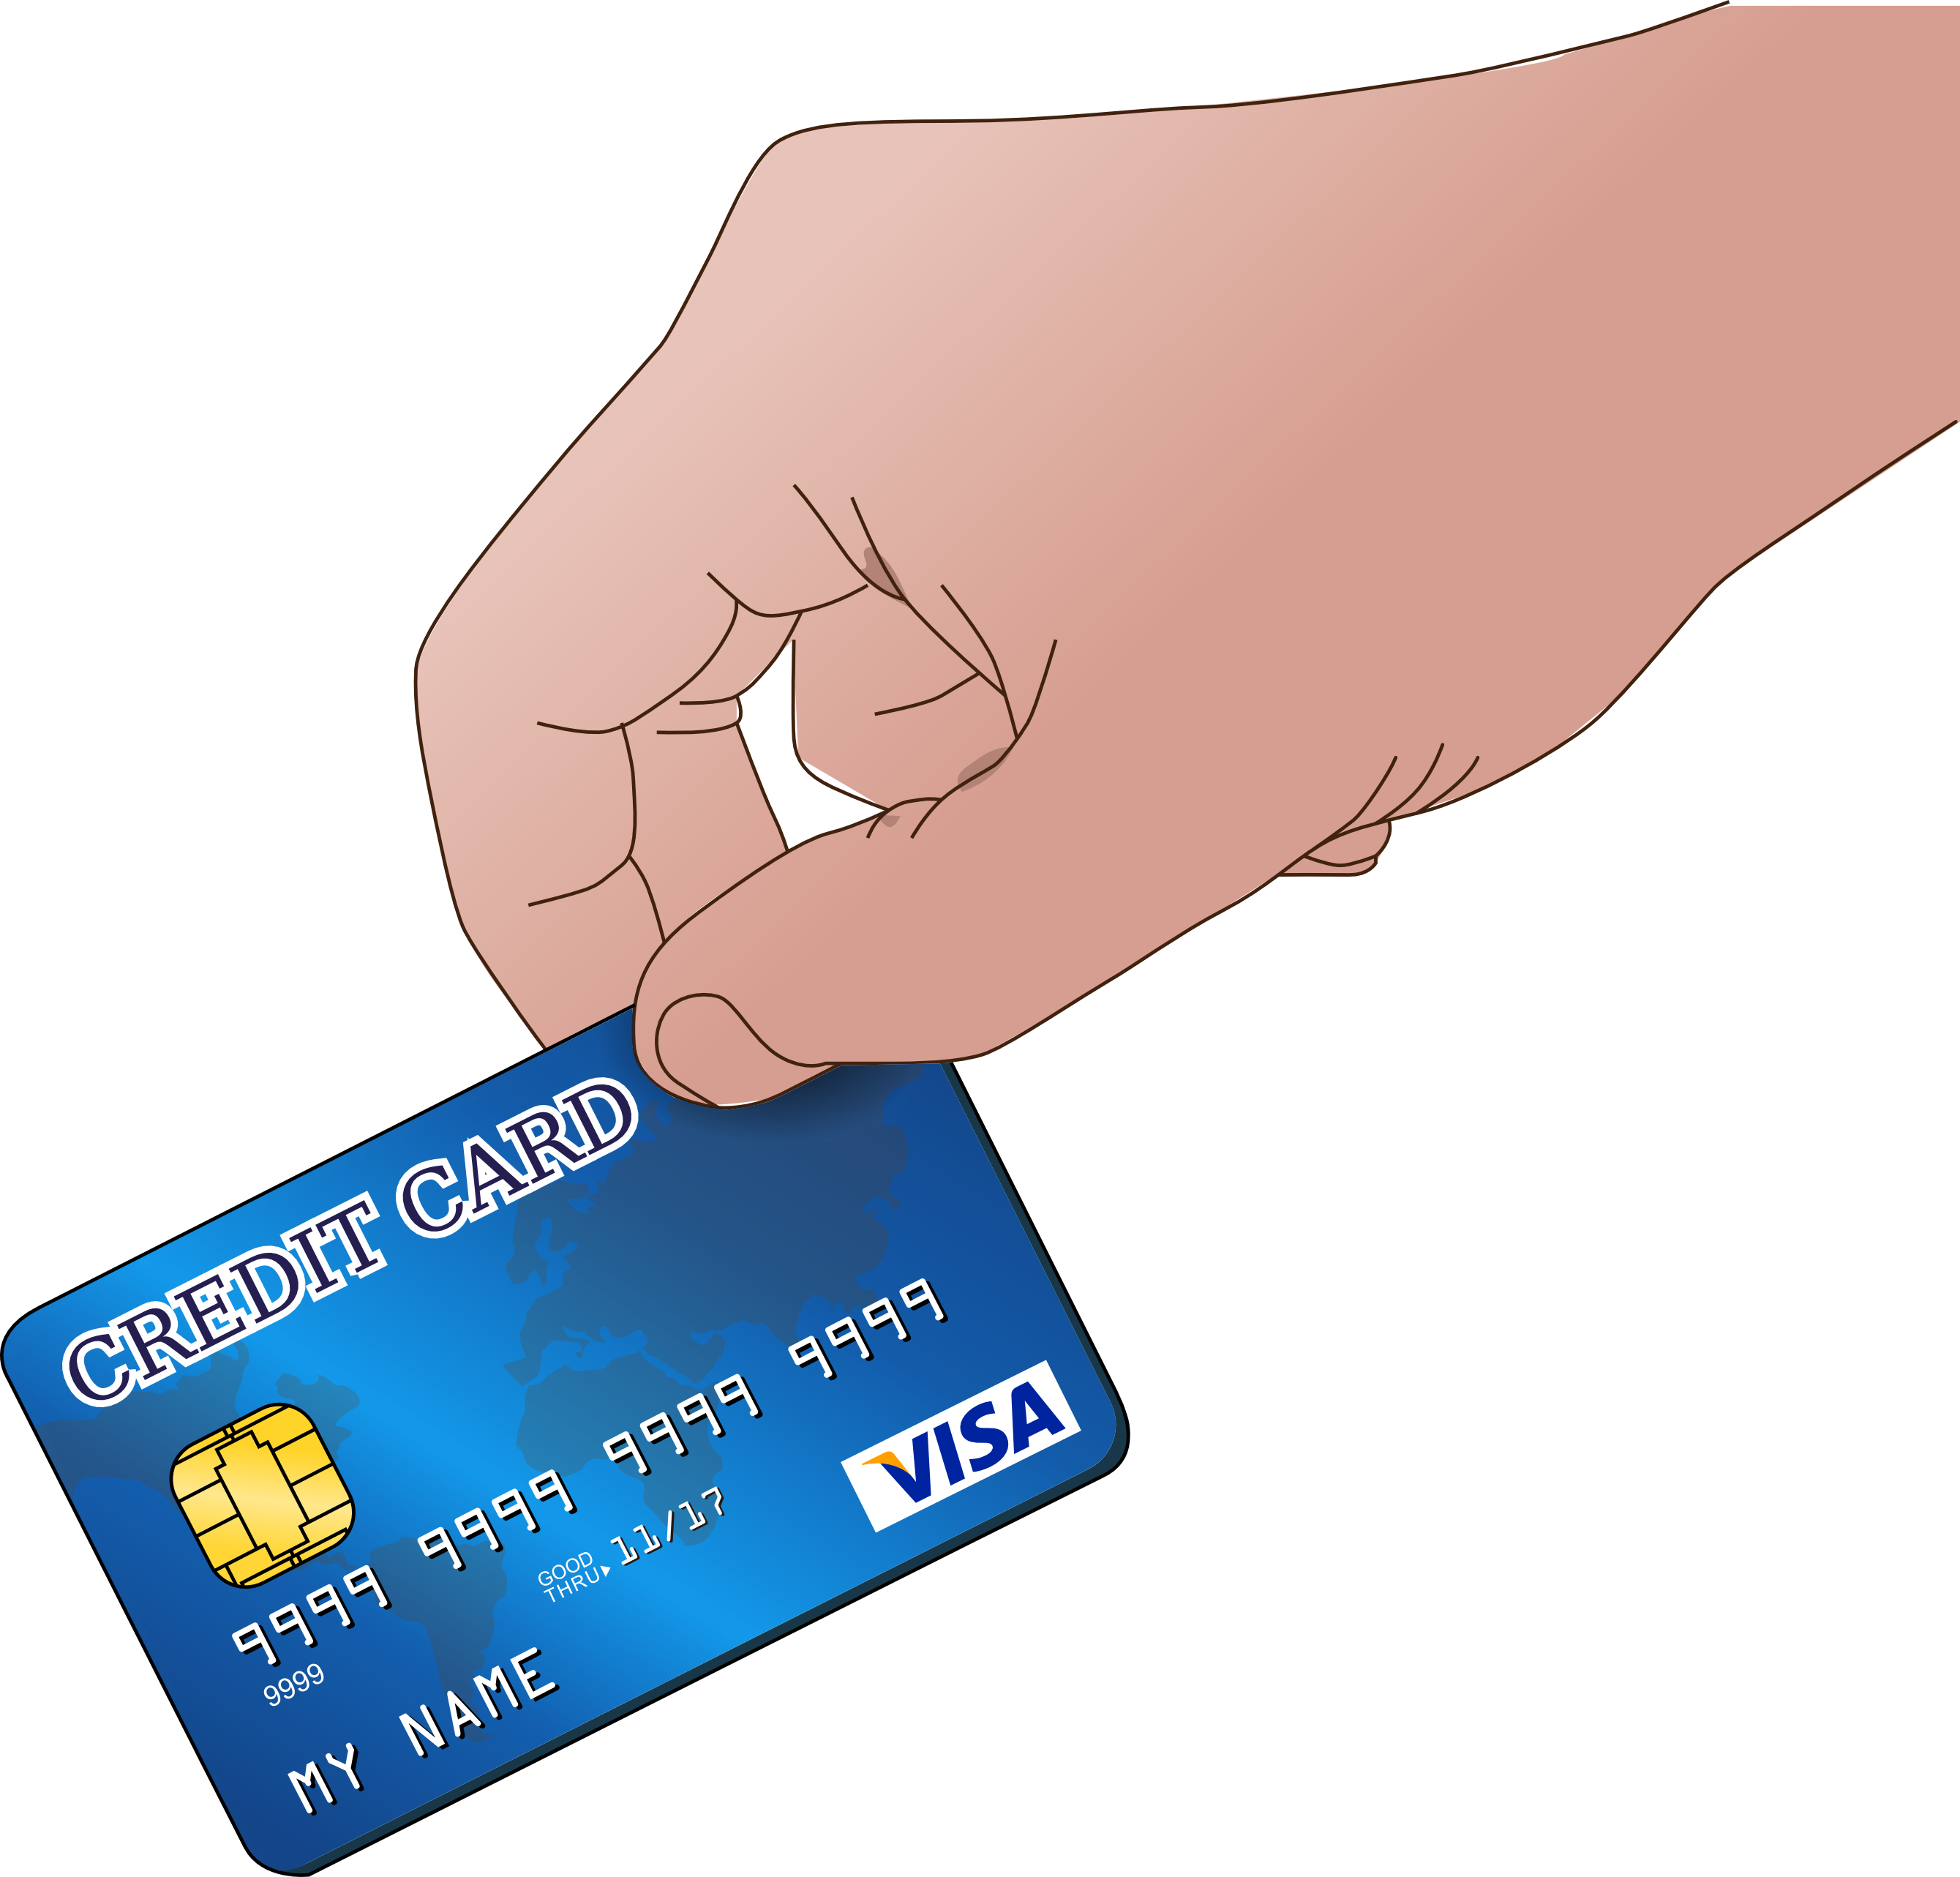 Merchant Services